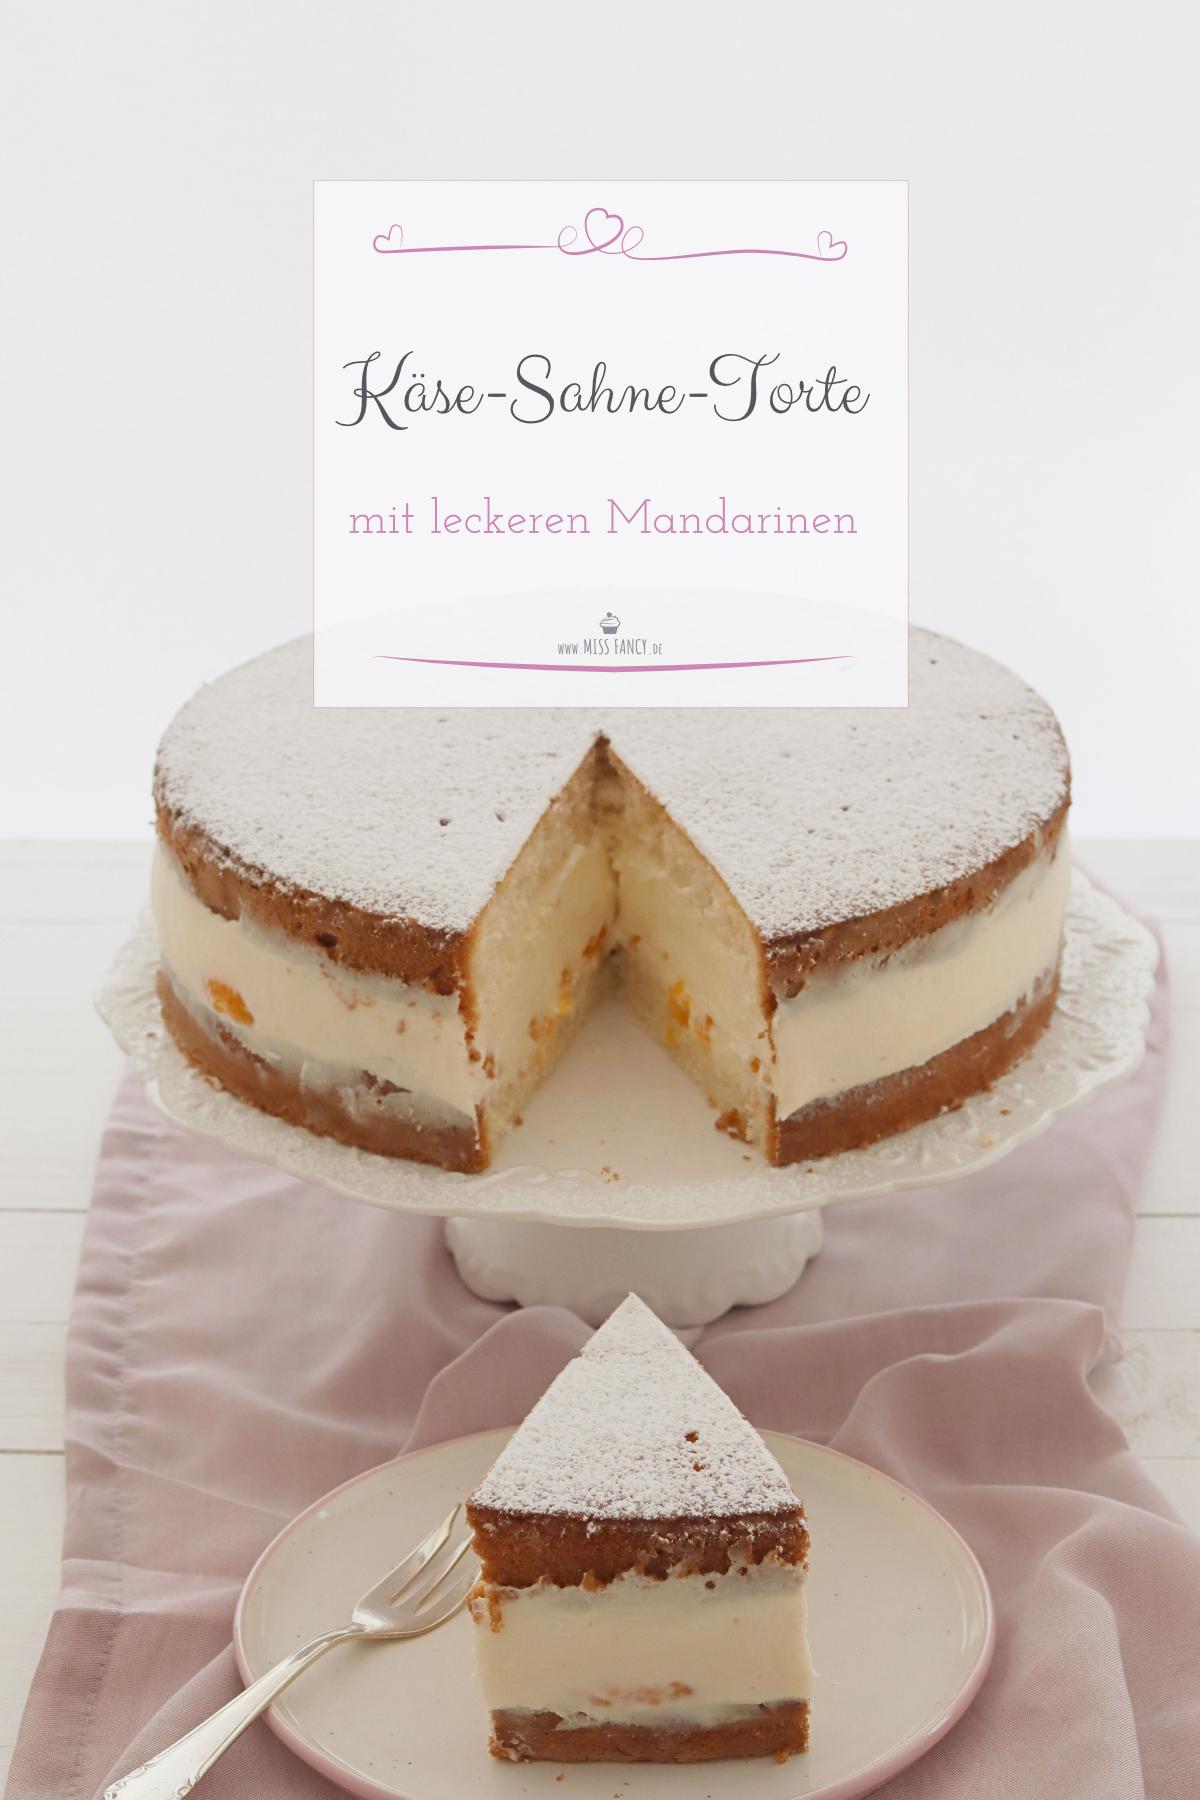 Rezept-Käse-Sahne-Torte